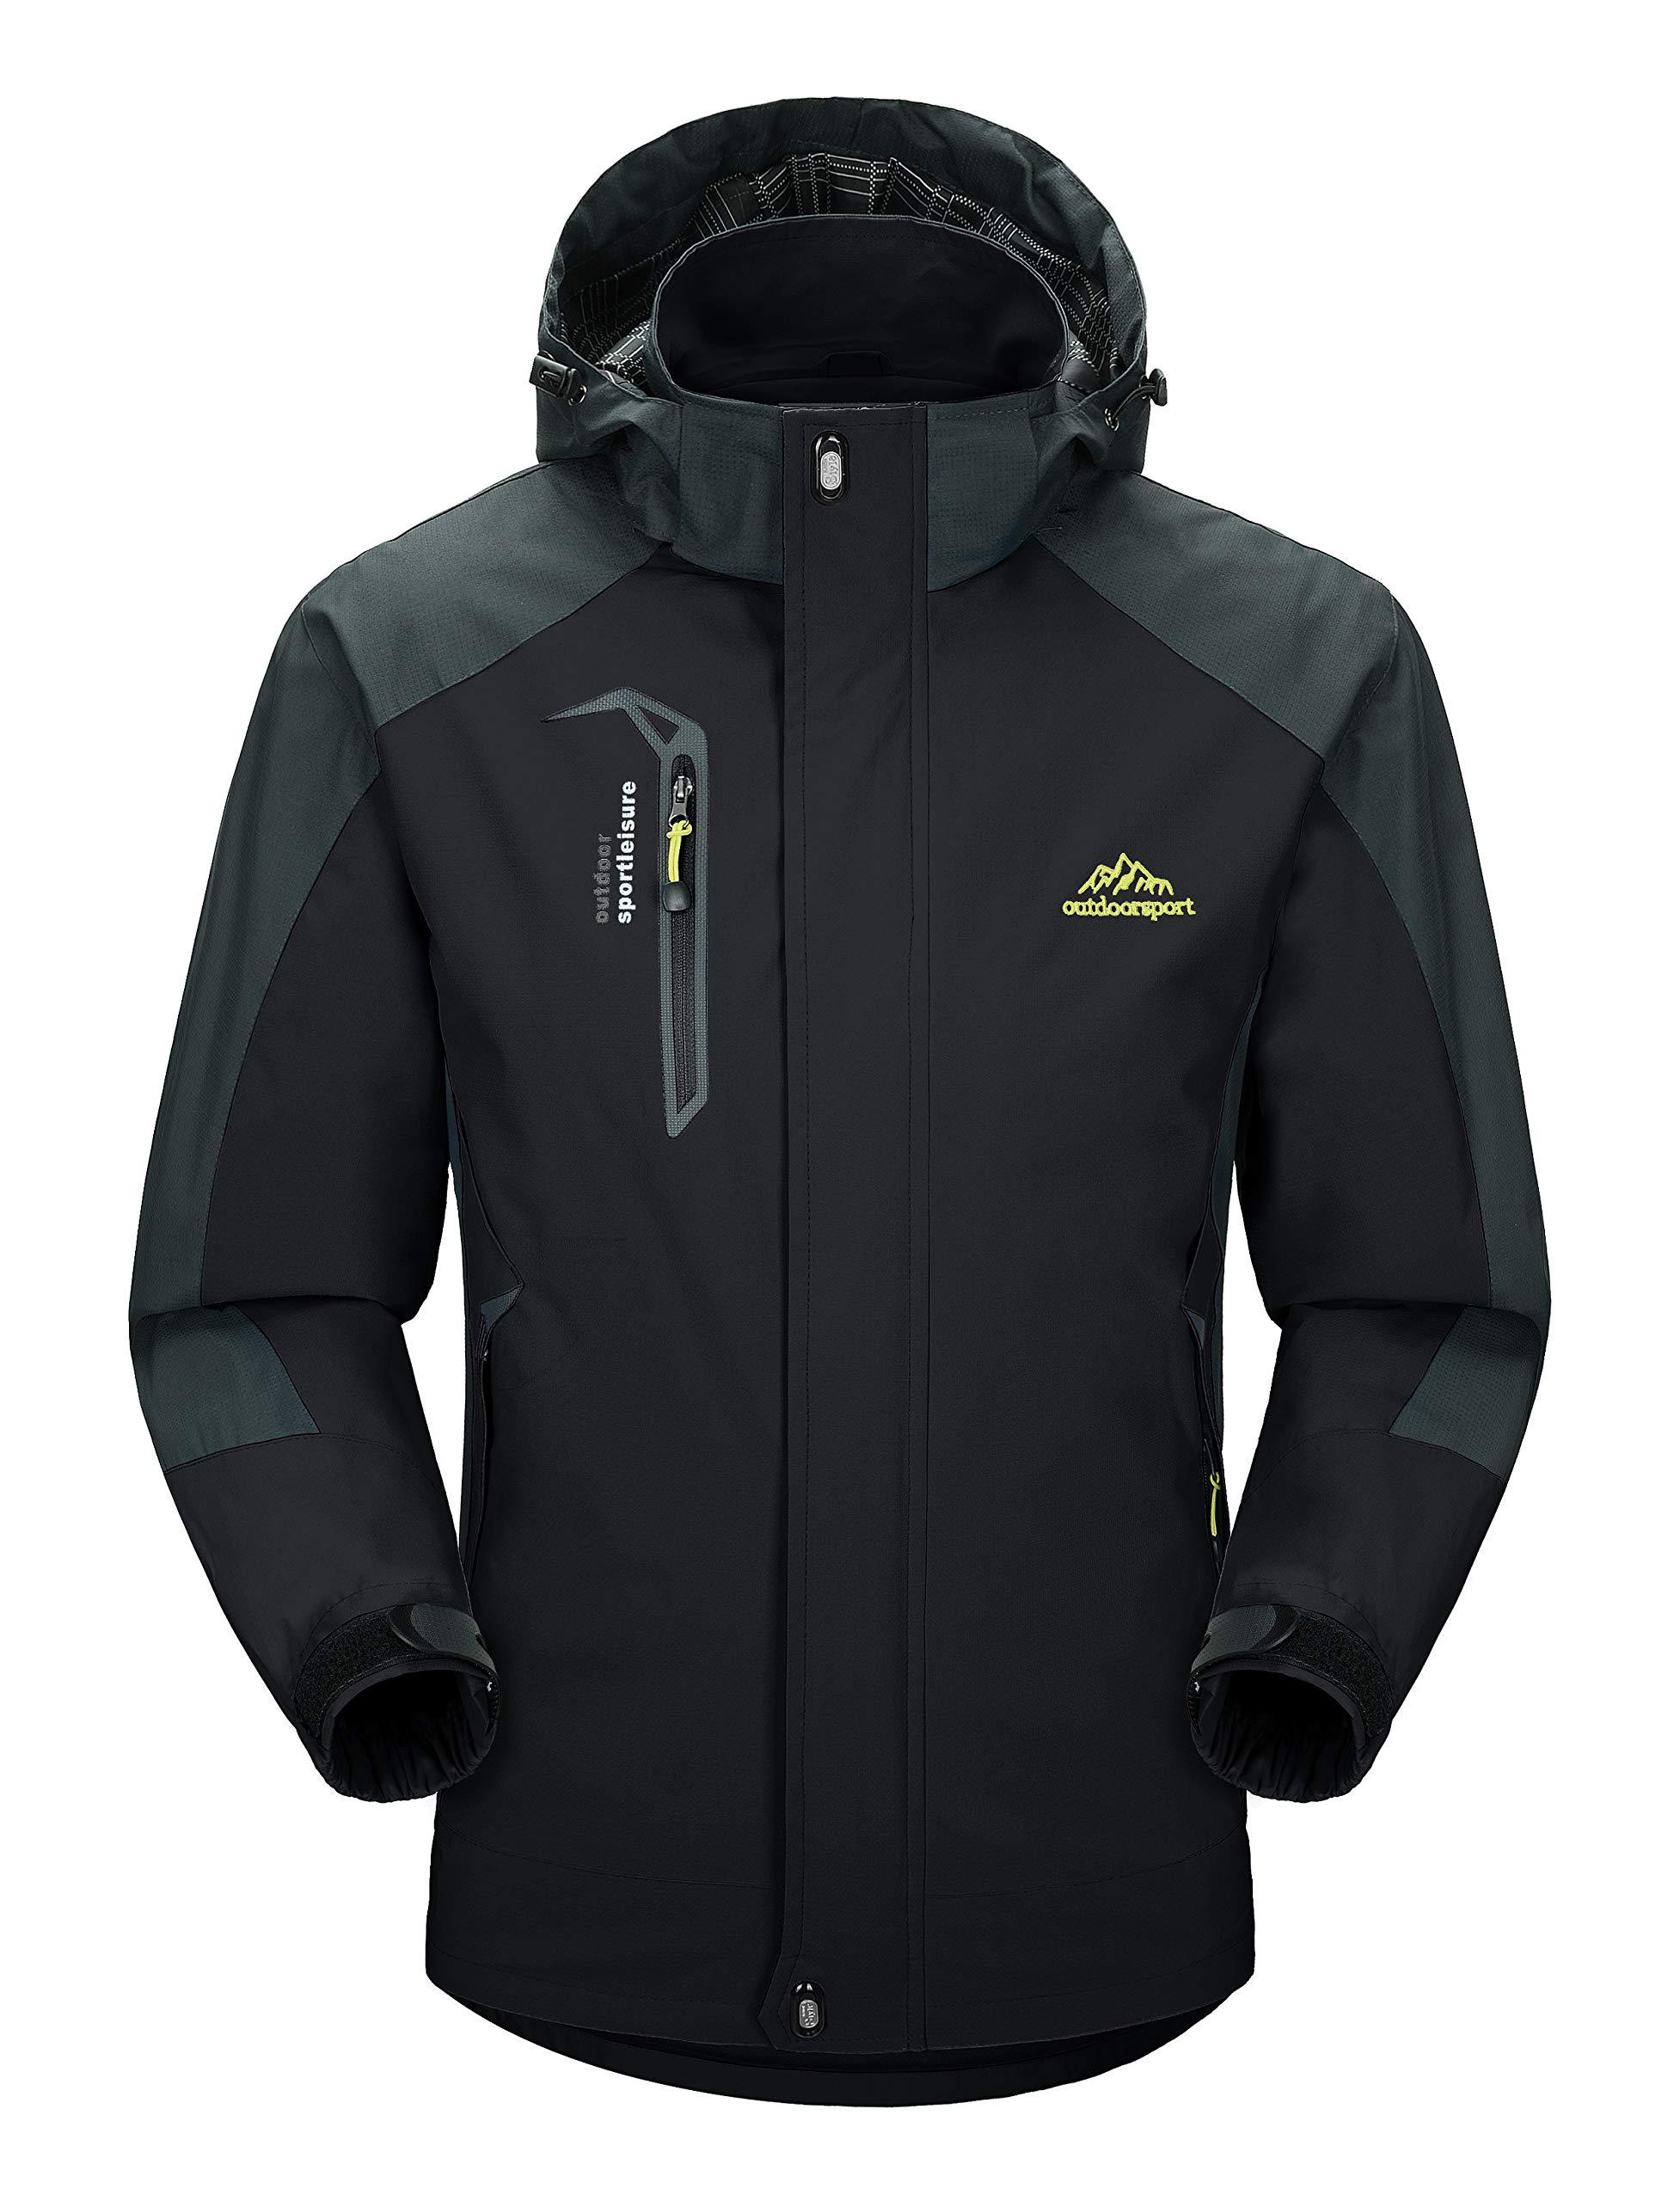 MAGCOMSEN Outdoor Men Jacket Waterproof Raincoat Hooded AutumnJackets for Men XL